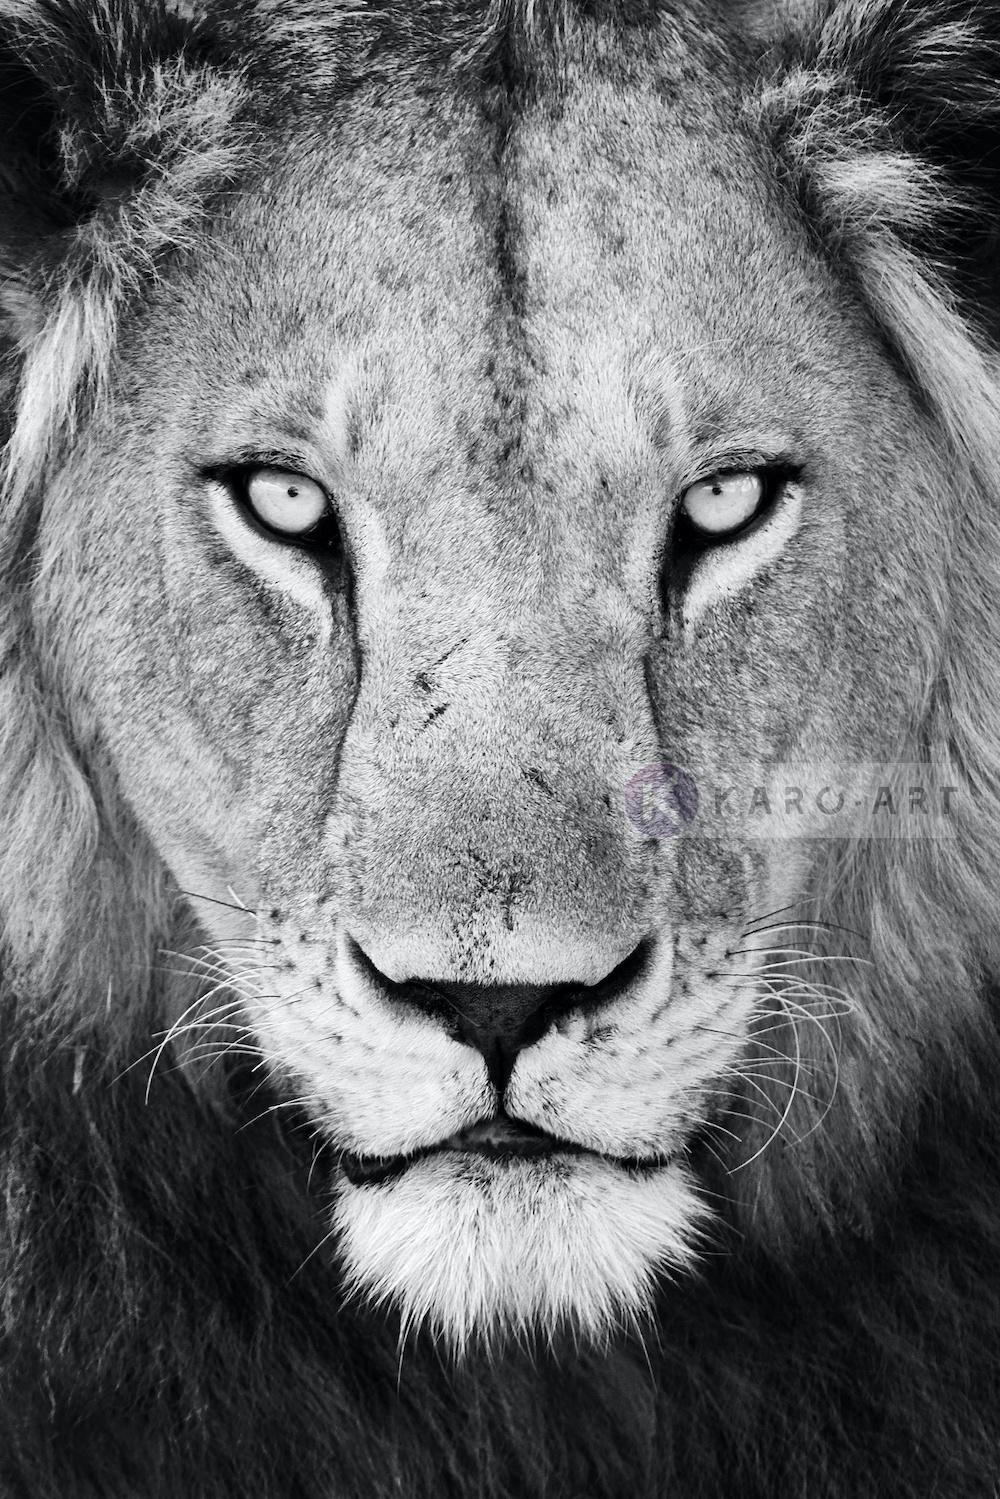 Afbeelding op acrylglas - Leeuw